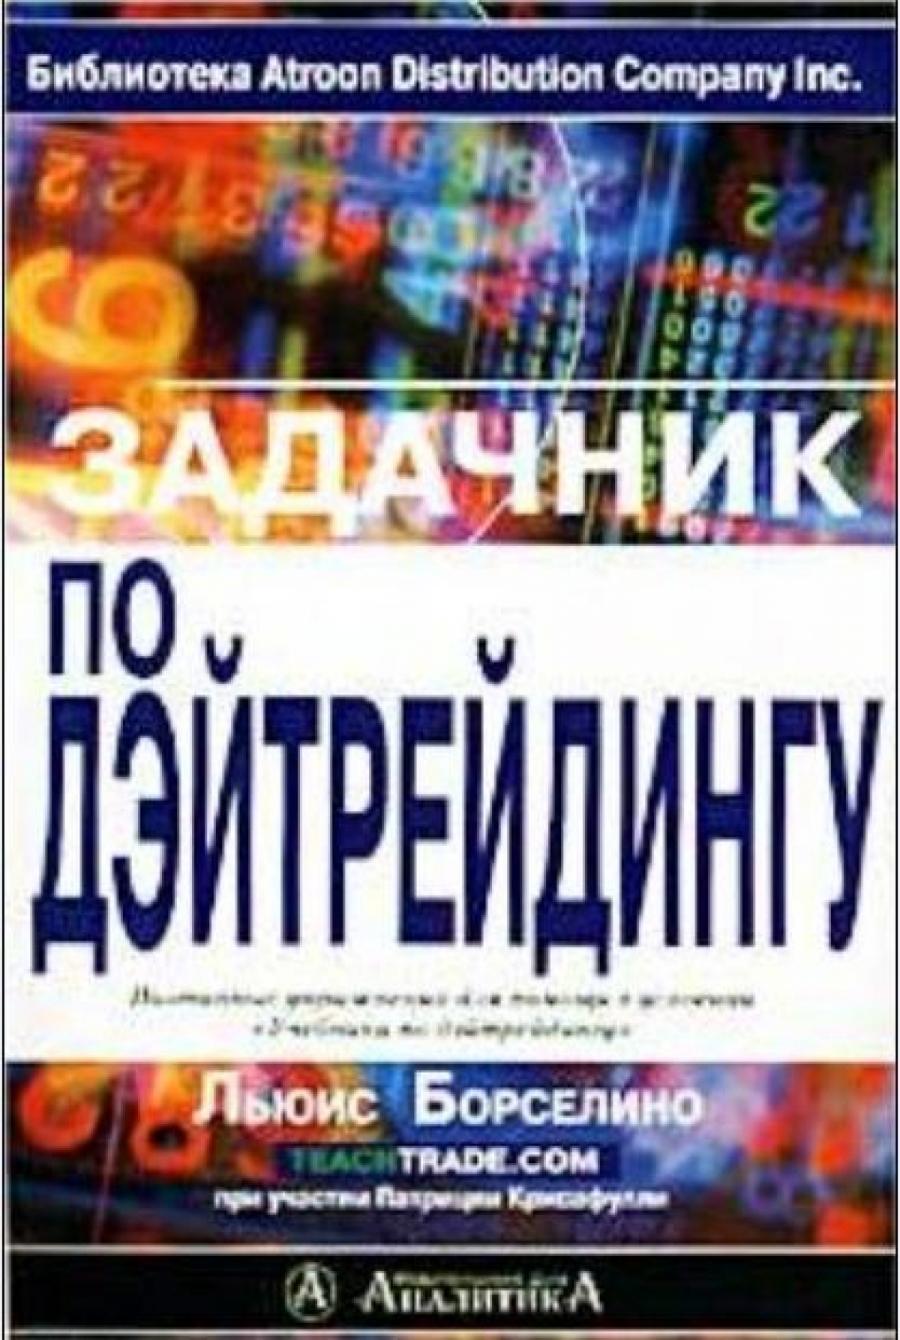 Обложка книги:  льюис борселино при участии патриции крисафулли - задачник по дэйтрейдингу